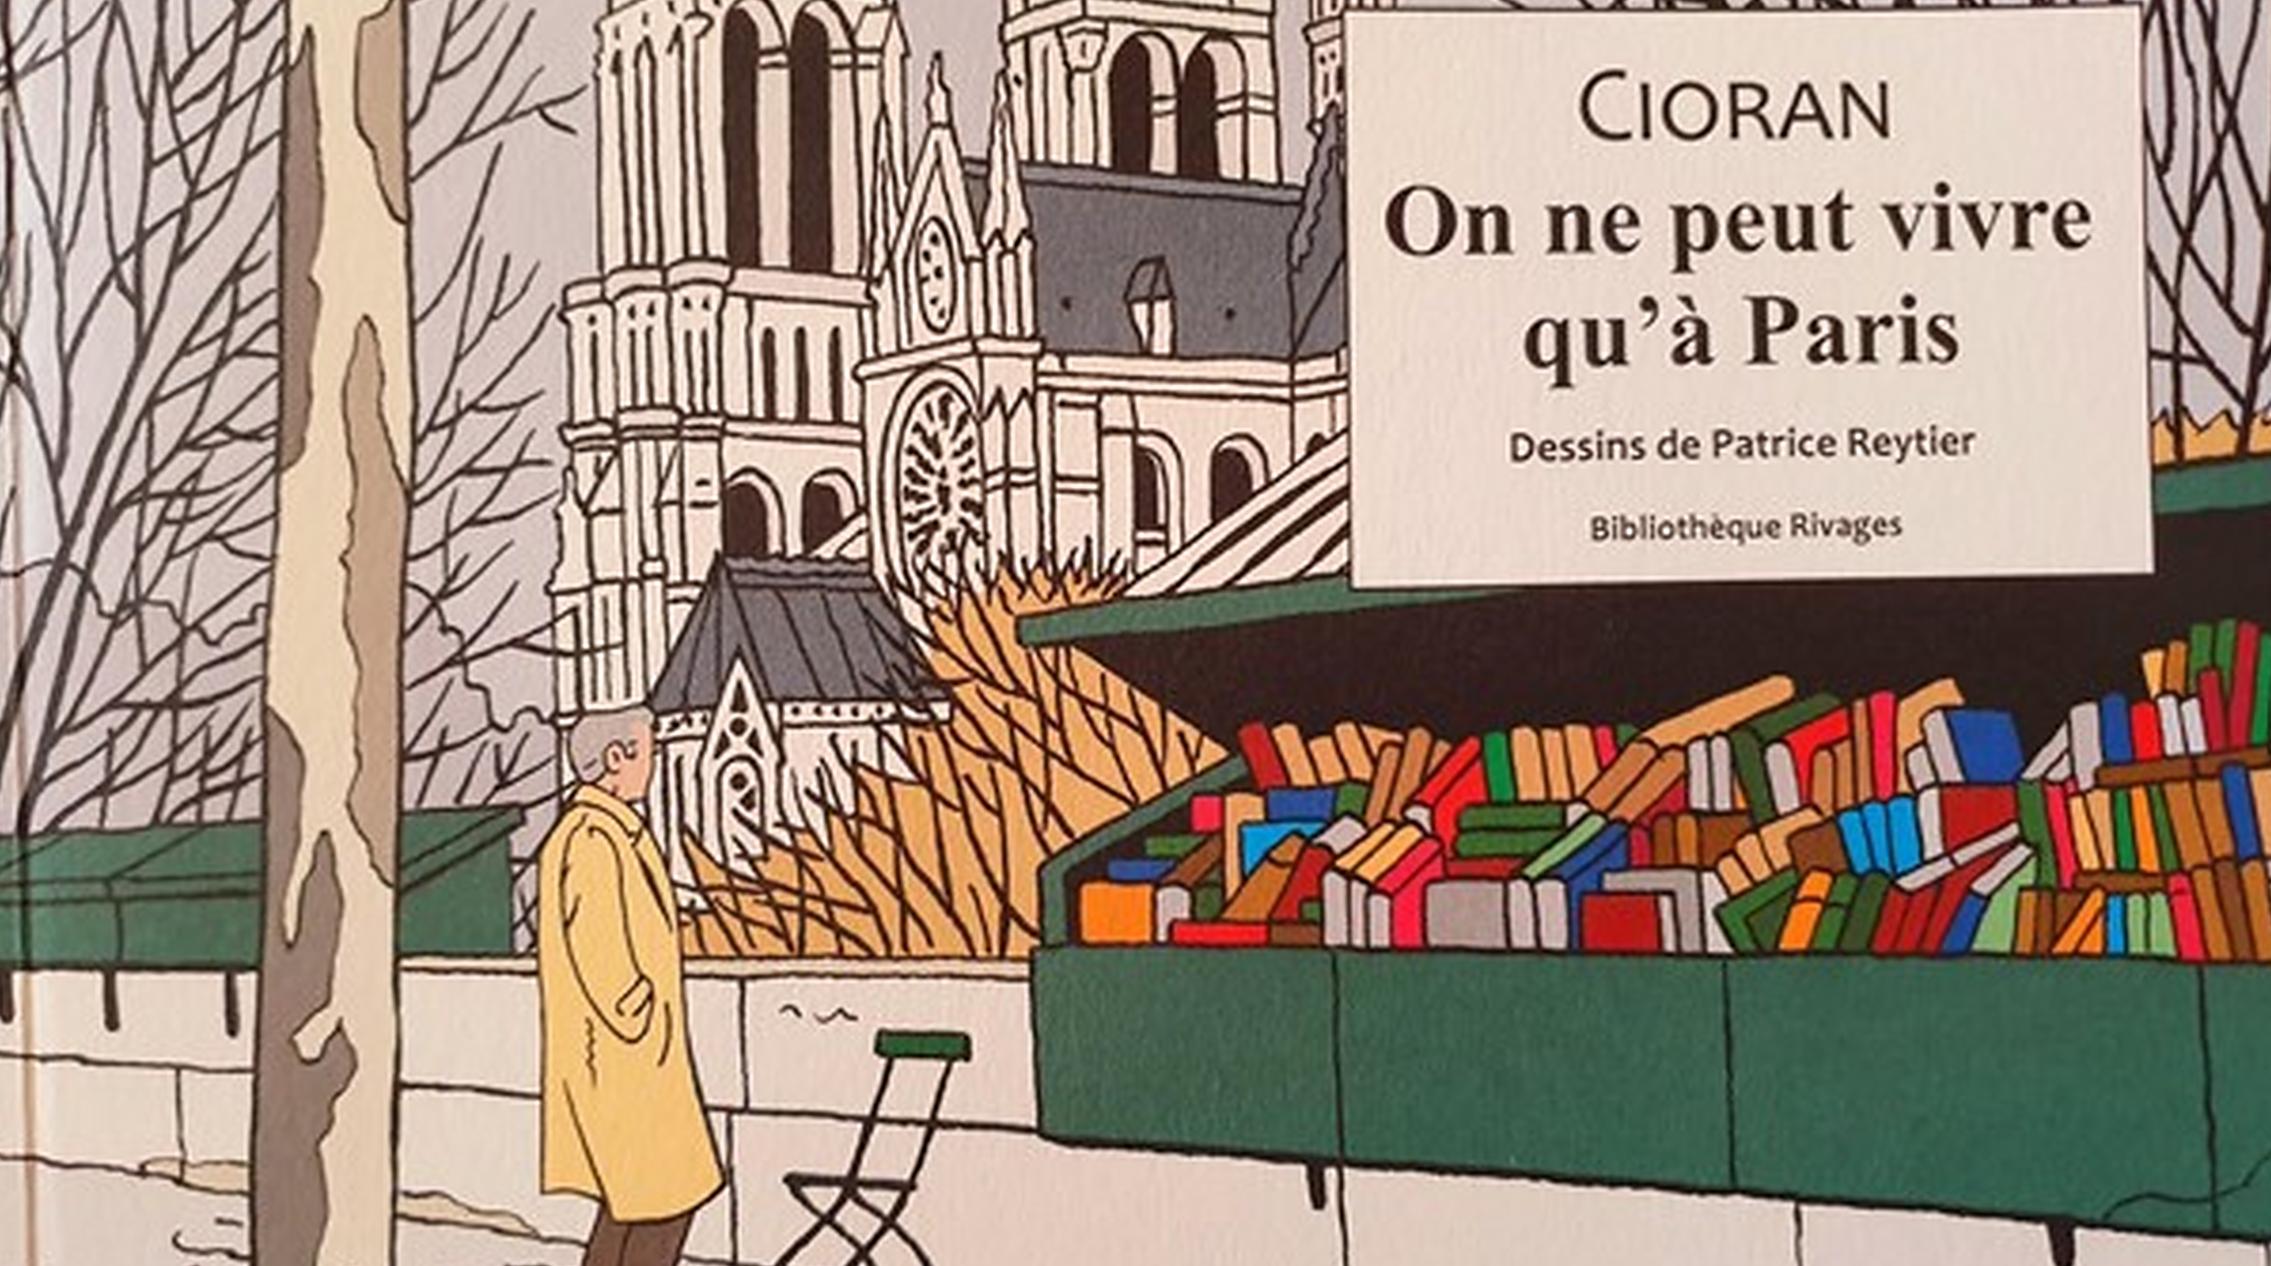 """Ilustratorul Patrice Reytier lansează o serie de benzi desenate cu Emil Cioran. """"Paris, orașul ideal pentru a-ți rata viața"""""""